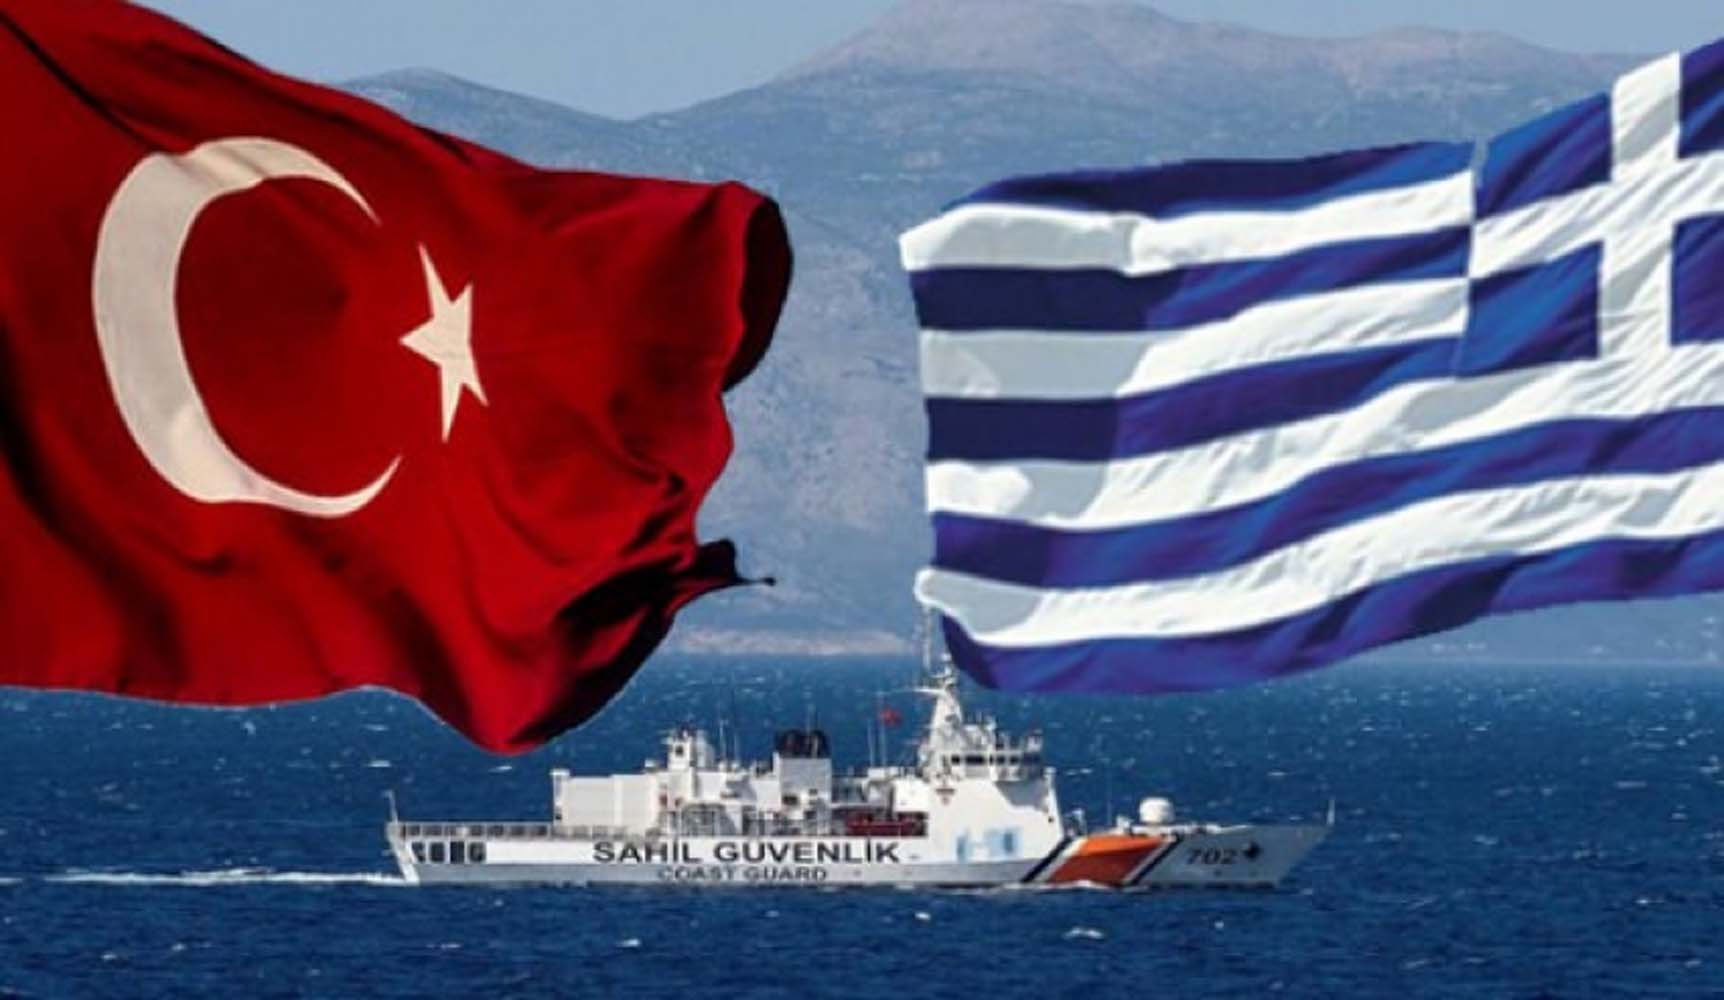 Yunanistan, Türkiye'nin suçlamalarını reddetti!